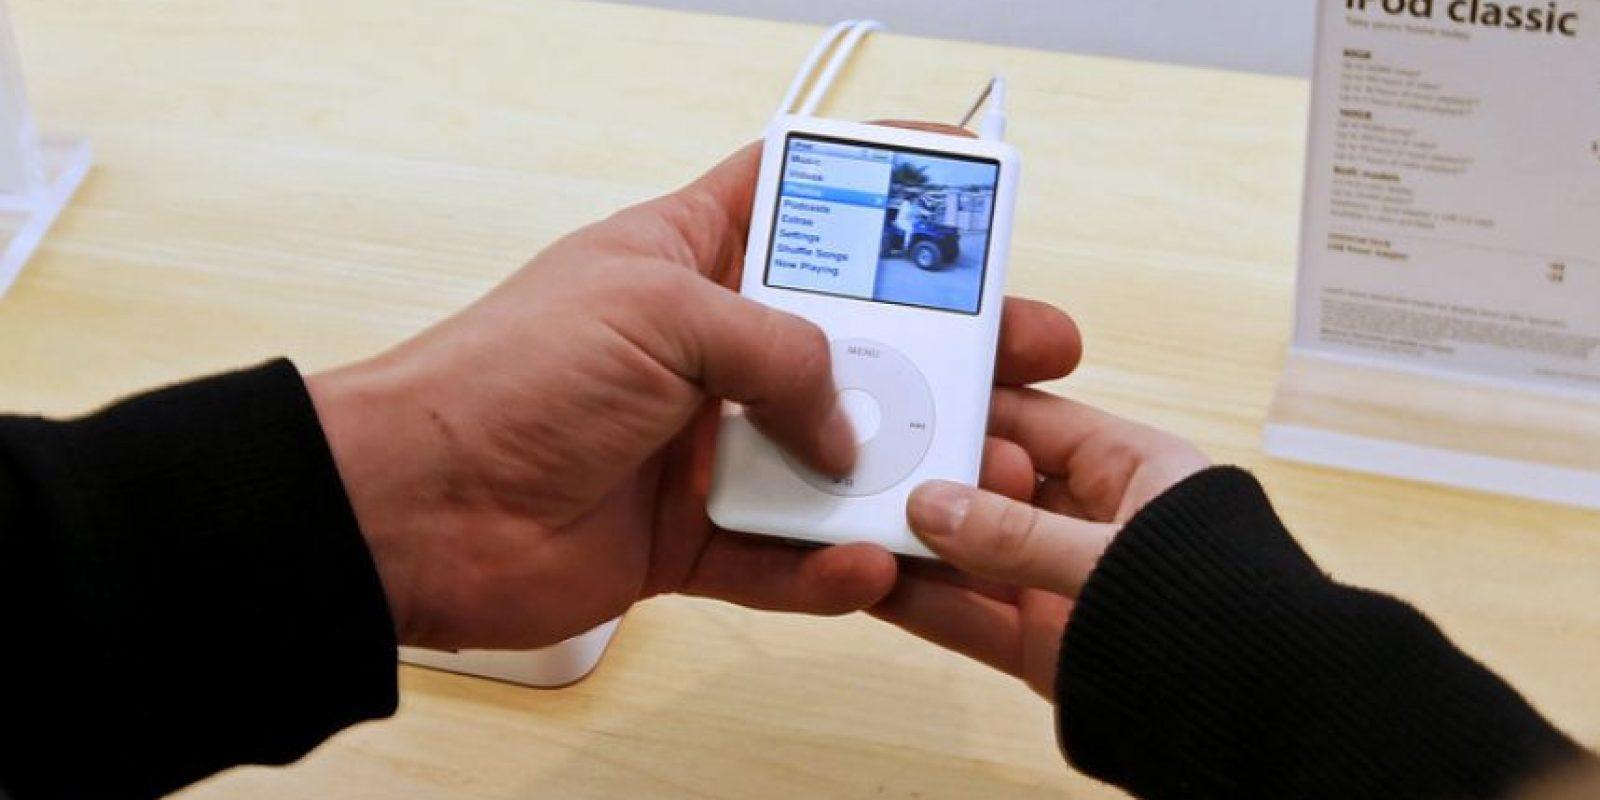 El iPod Classic